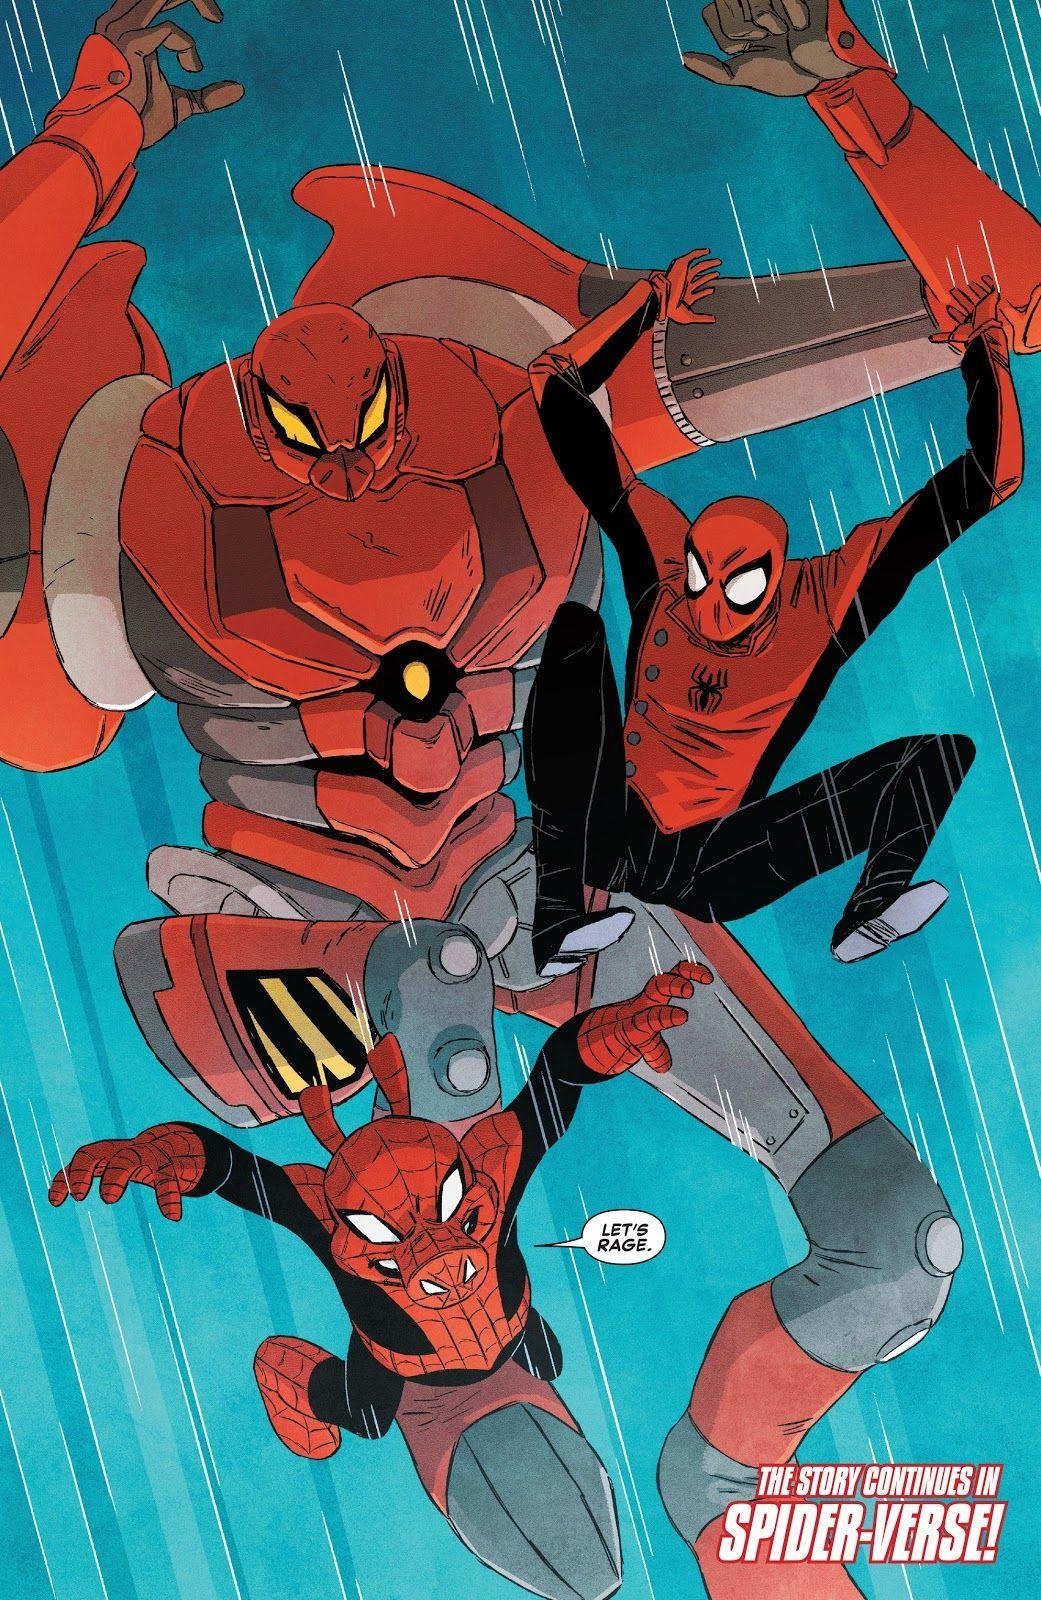 Edge of Spider-Verse #5 (Writer Gerard Way, Artist Jake Wyatt)